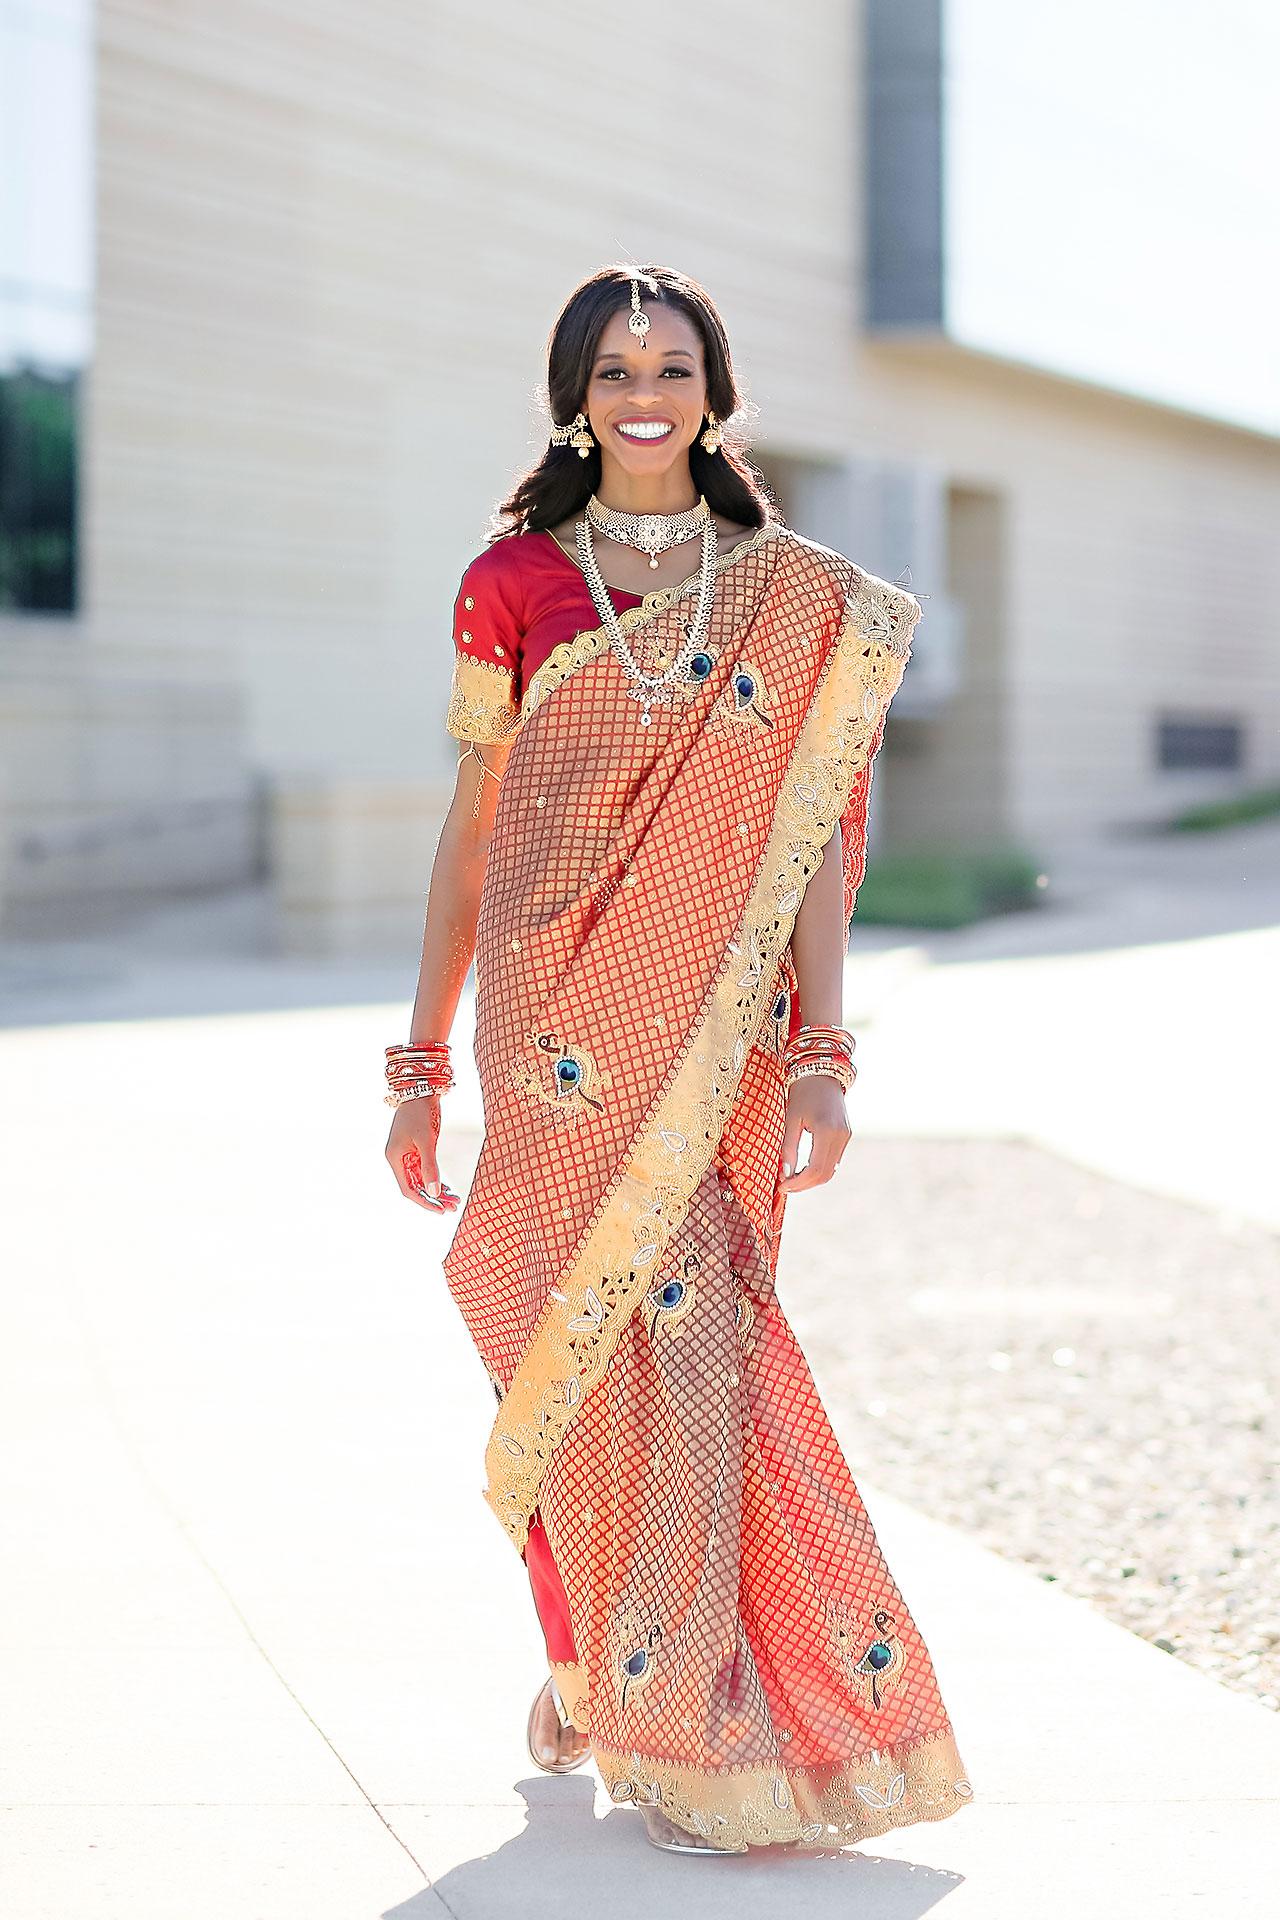 Joie Nikhil JW Marriott Indian Wedding 074